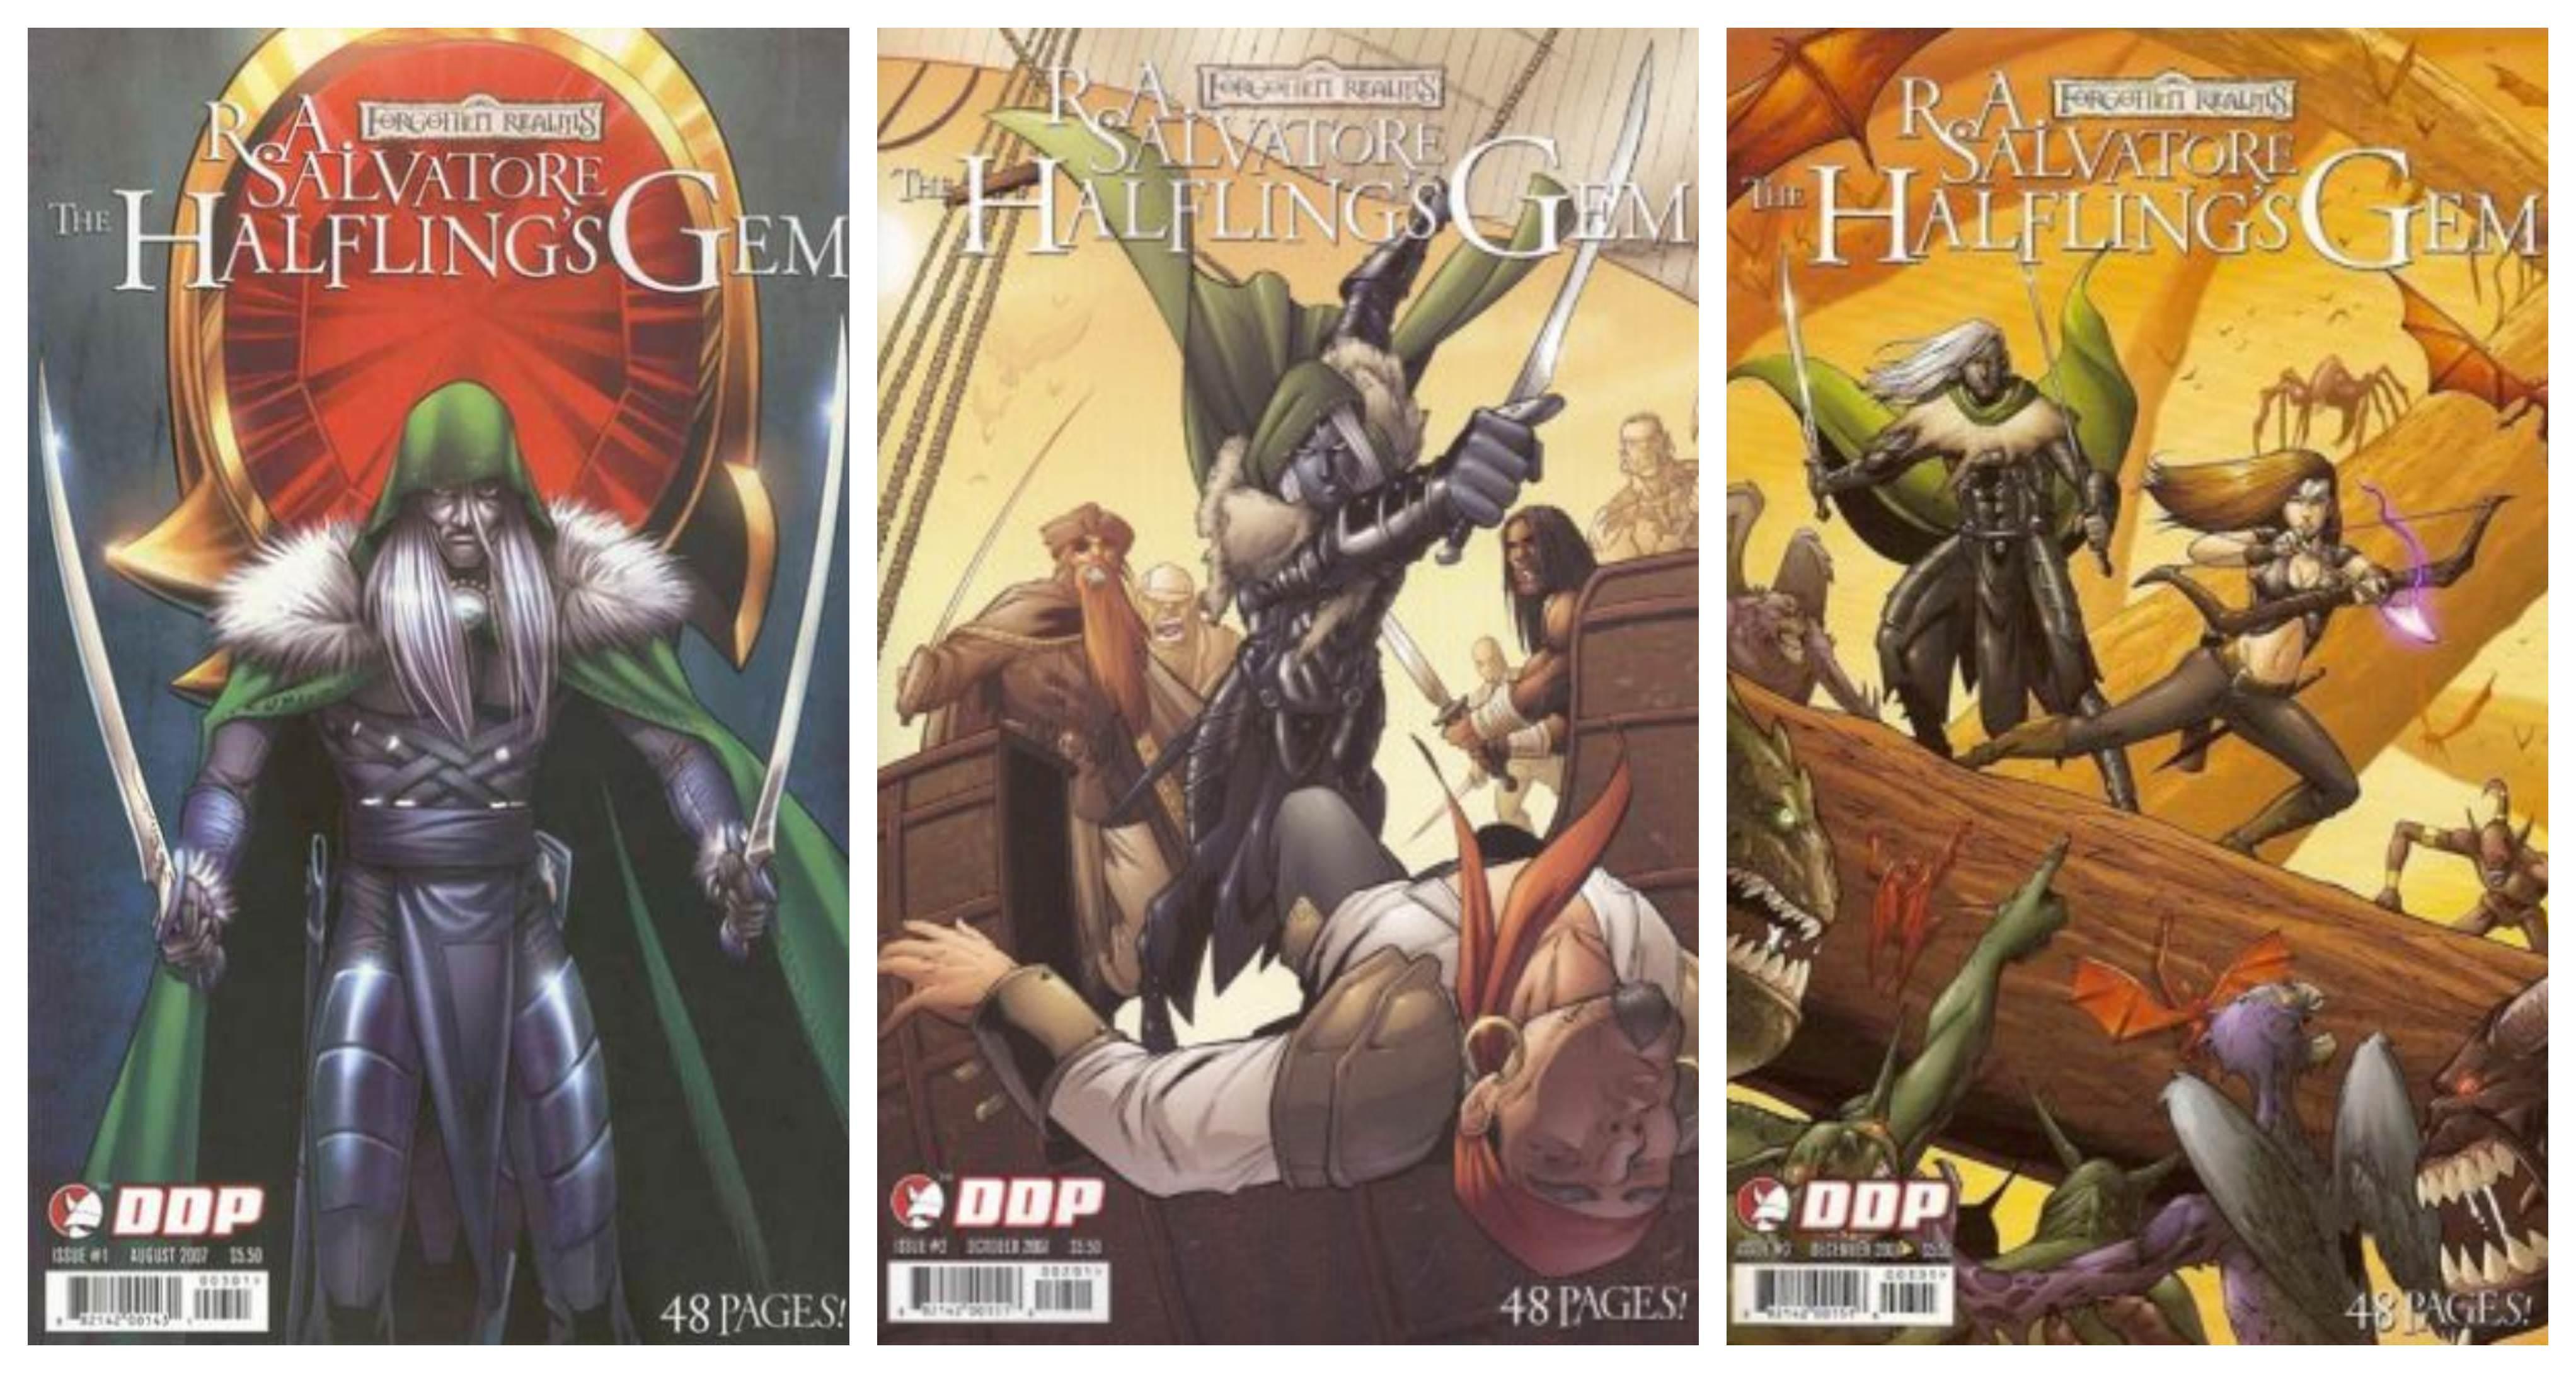 The-Halflings-Gem-comic-cover-collage.jpg